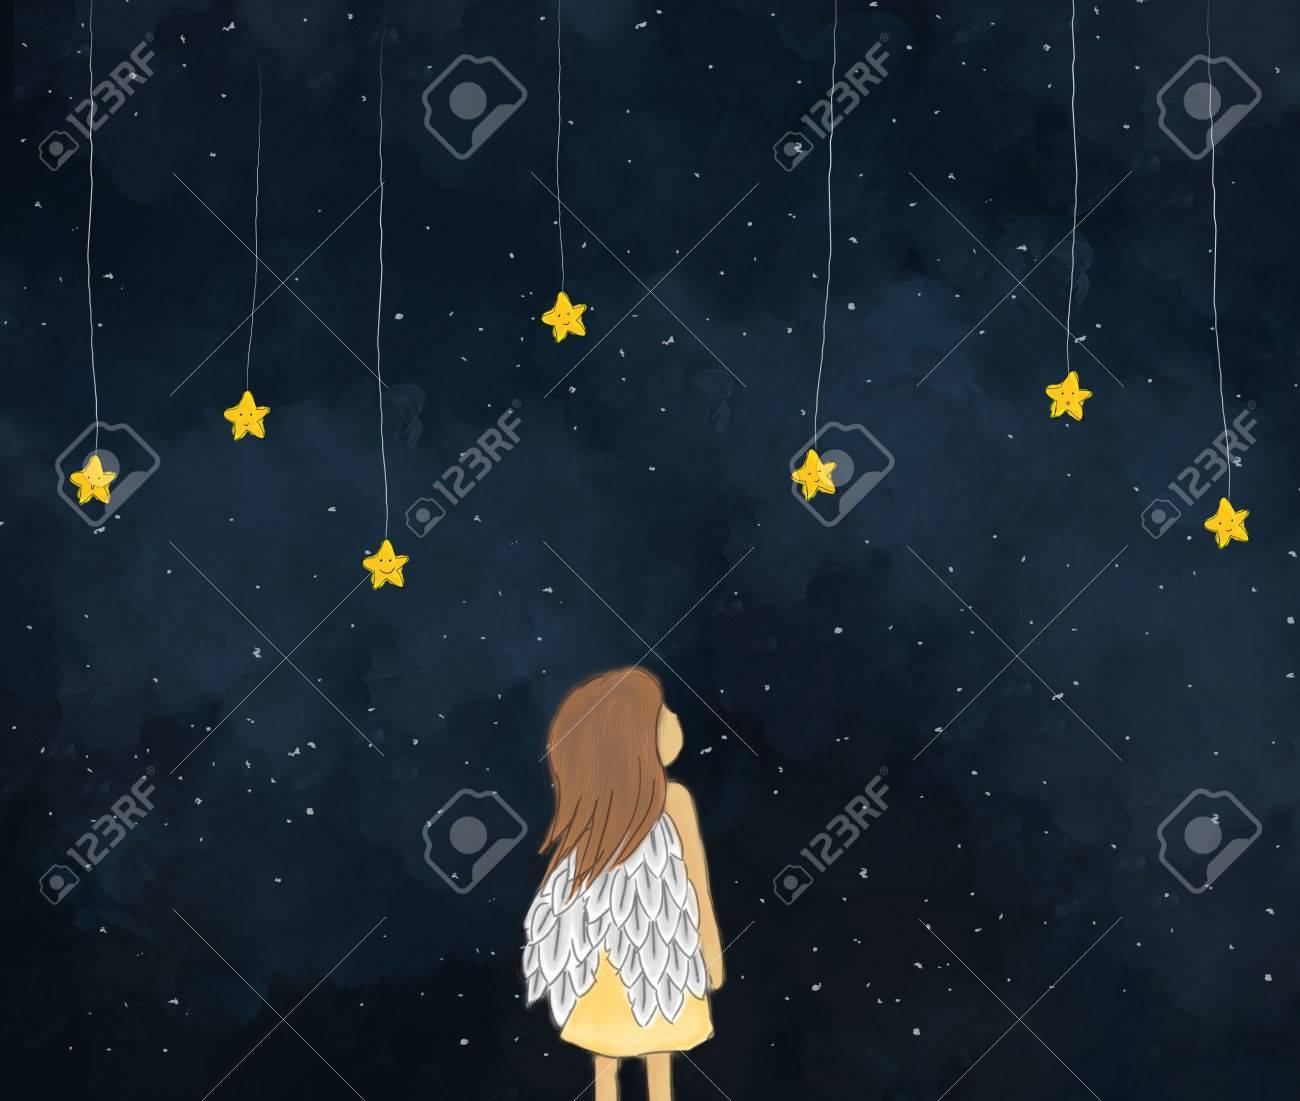 Illustration Dessin D Une Petite Fille Ange Regardant Les Etoiles Jaunes Suspendus Dans La Nuit Etoilee Joli Visage D Etoiles Conception De Modele